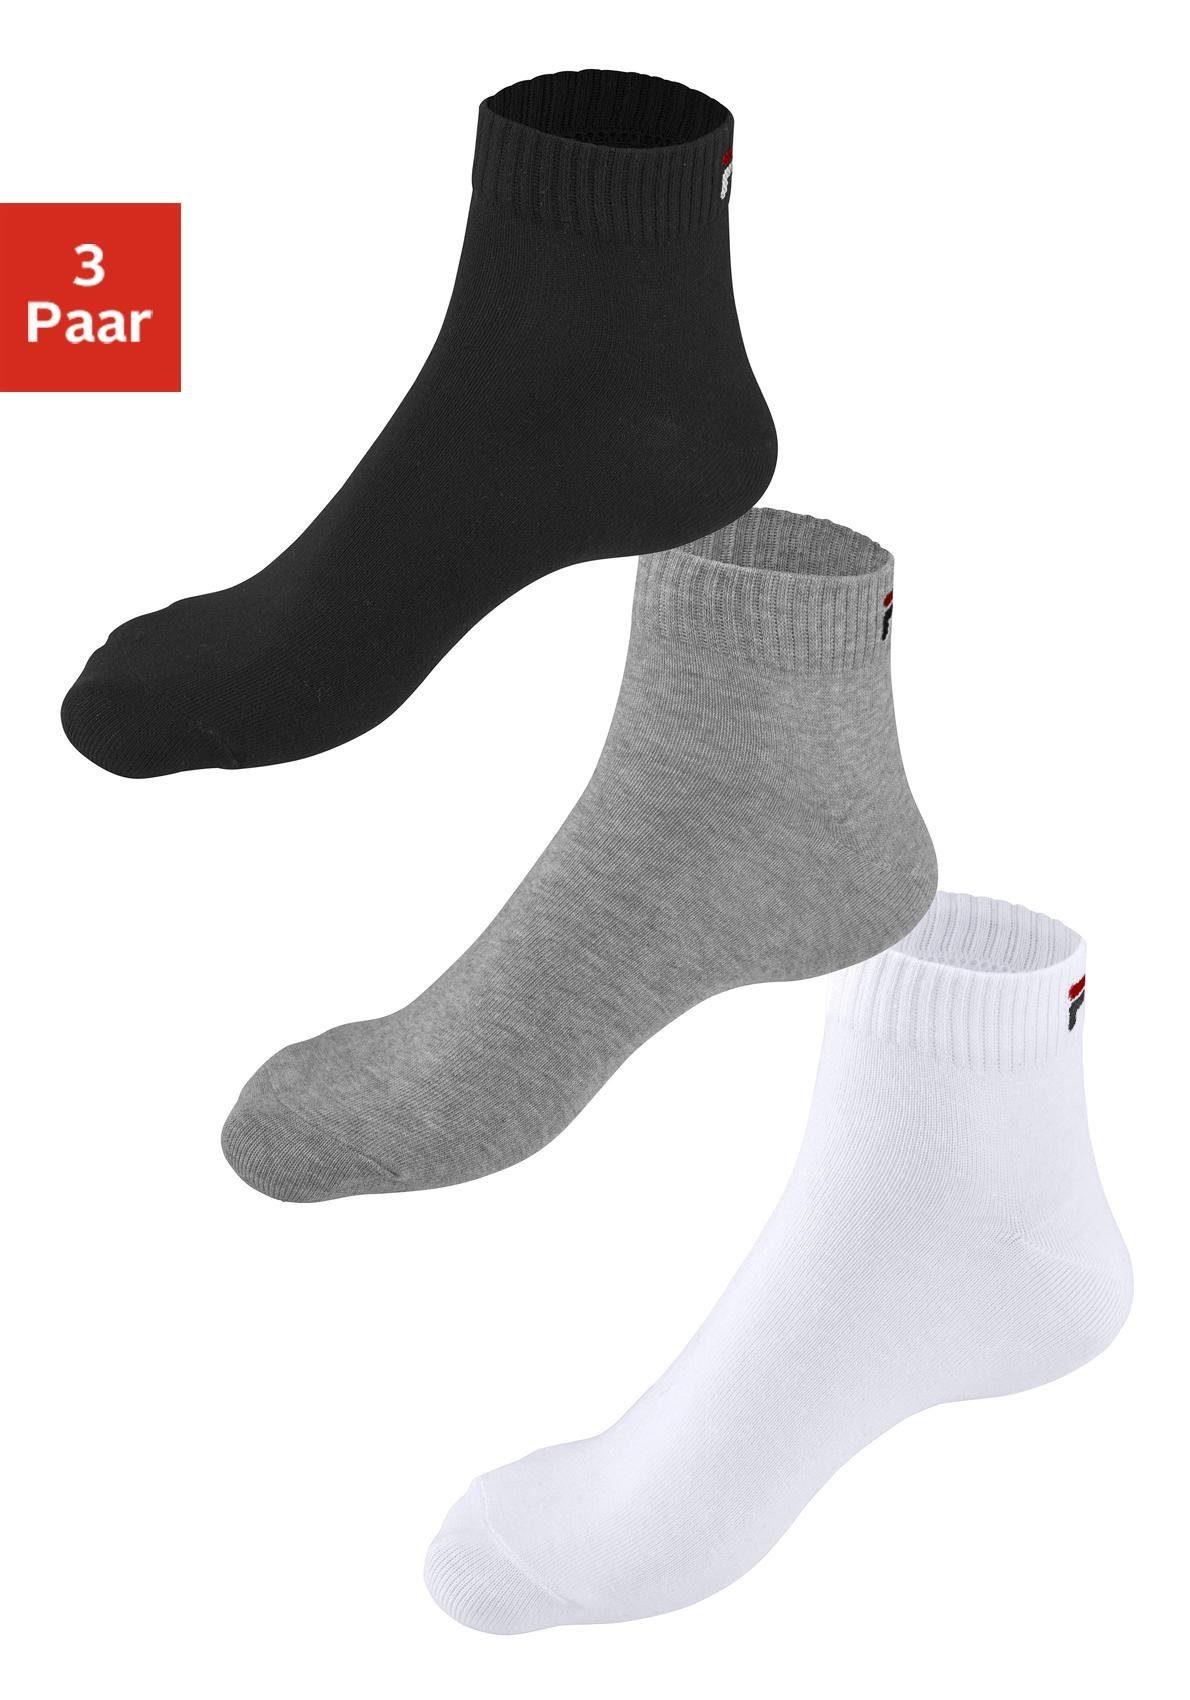 korte uniseks sokken (set van 3 paar)